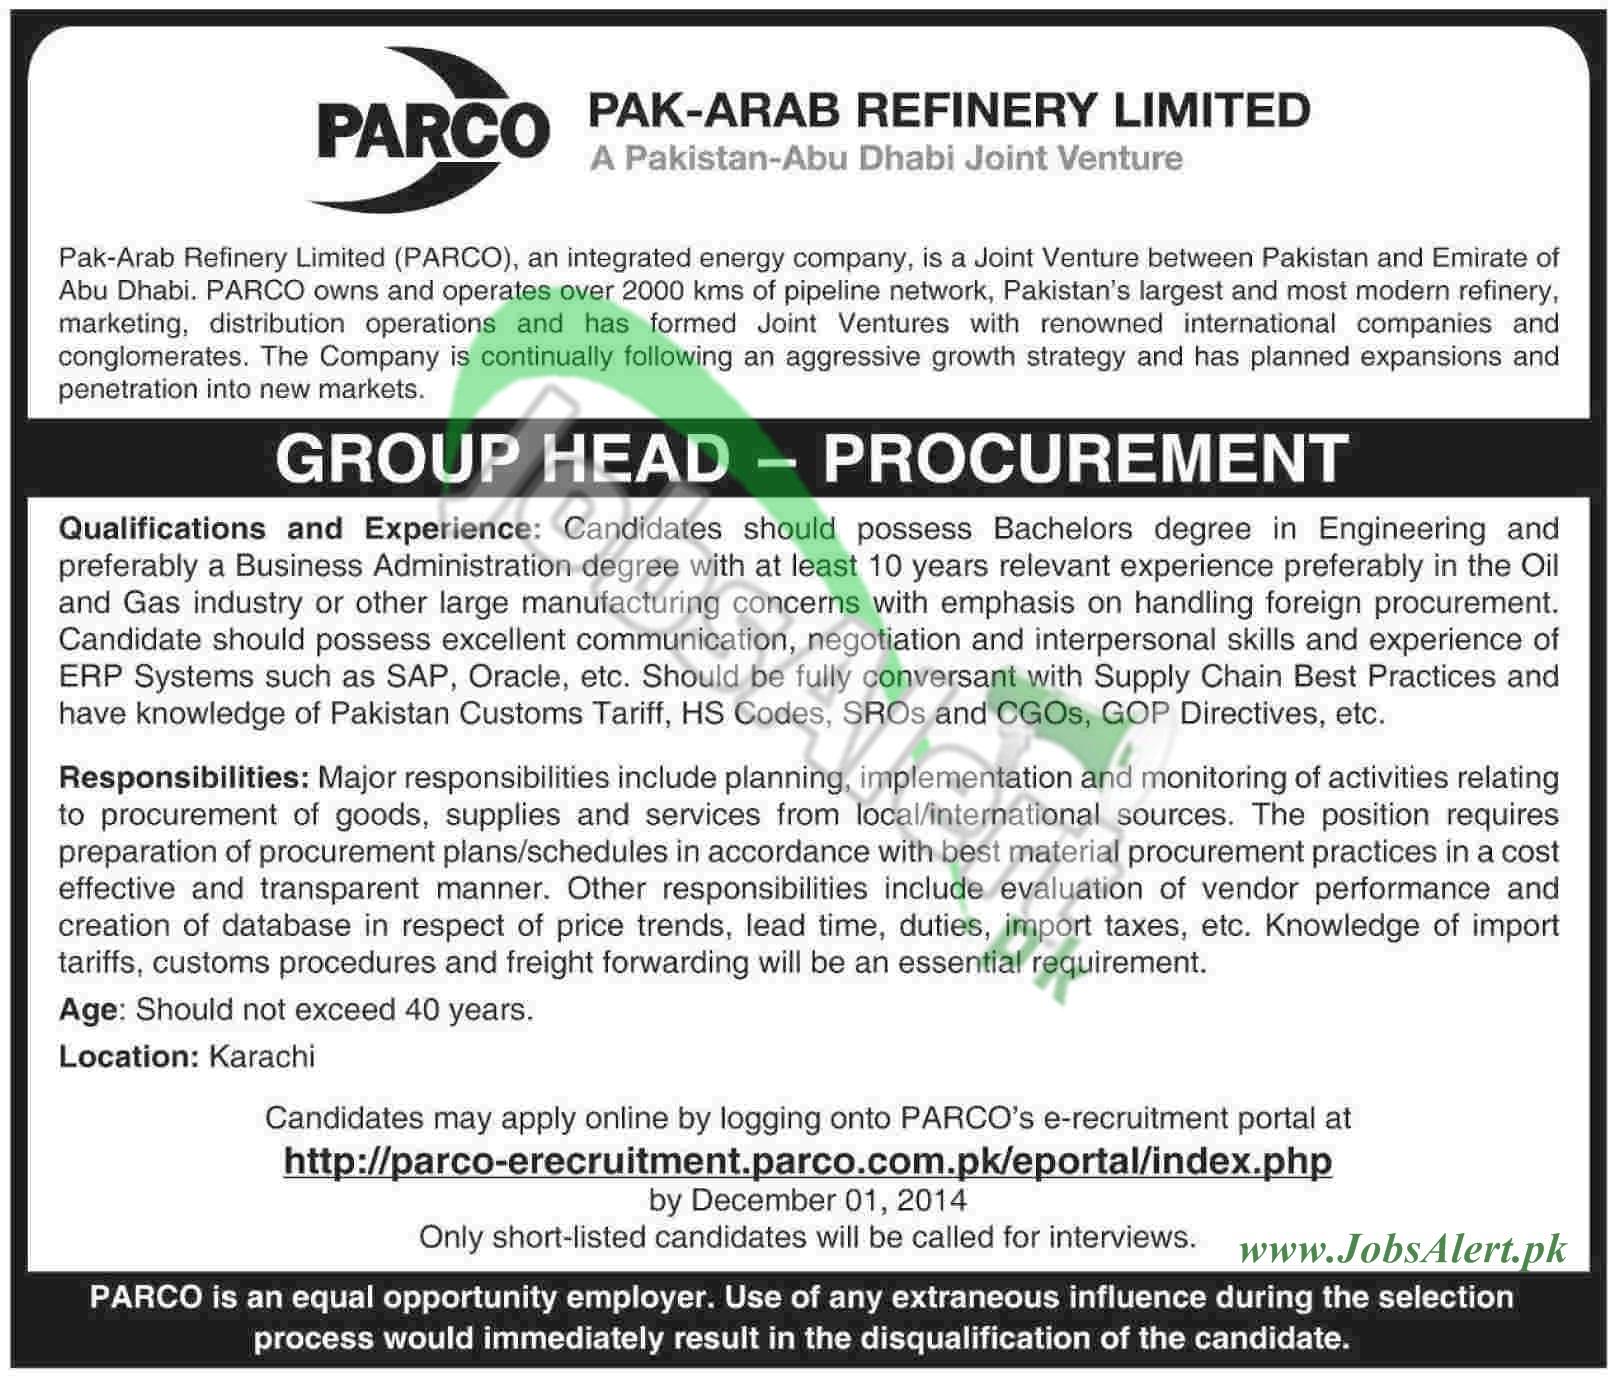 Pak Arab Refinery Ltd (PARCO)